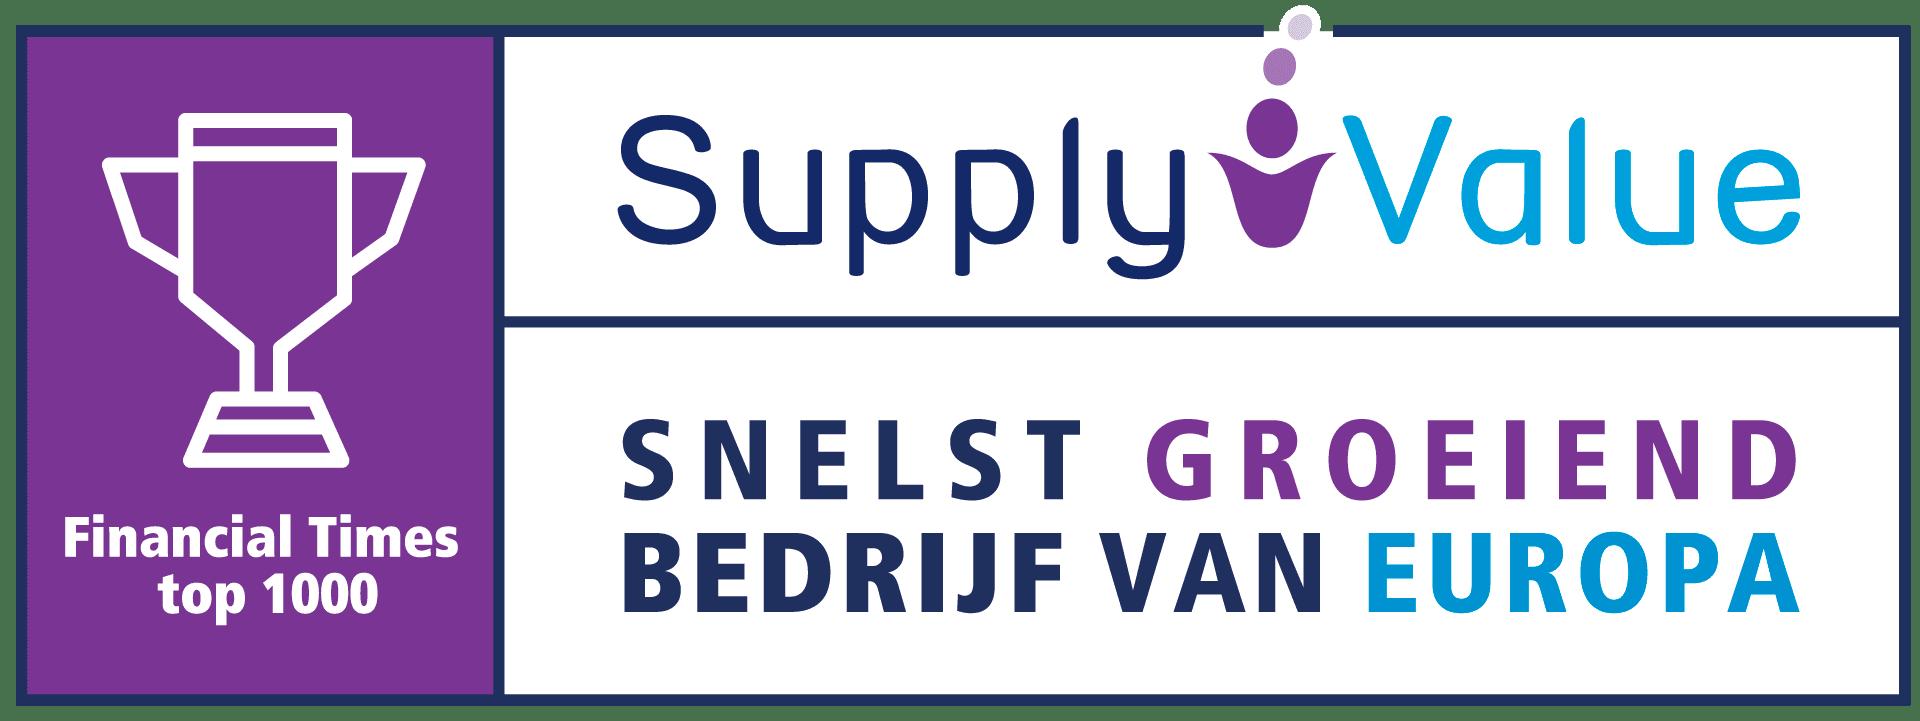 Supply Value in de top 1000 snelst groeiende bedrijven van Europa